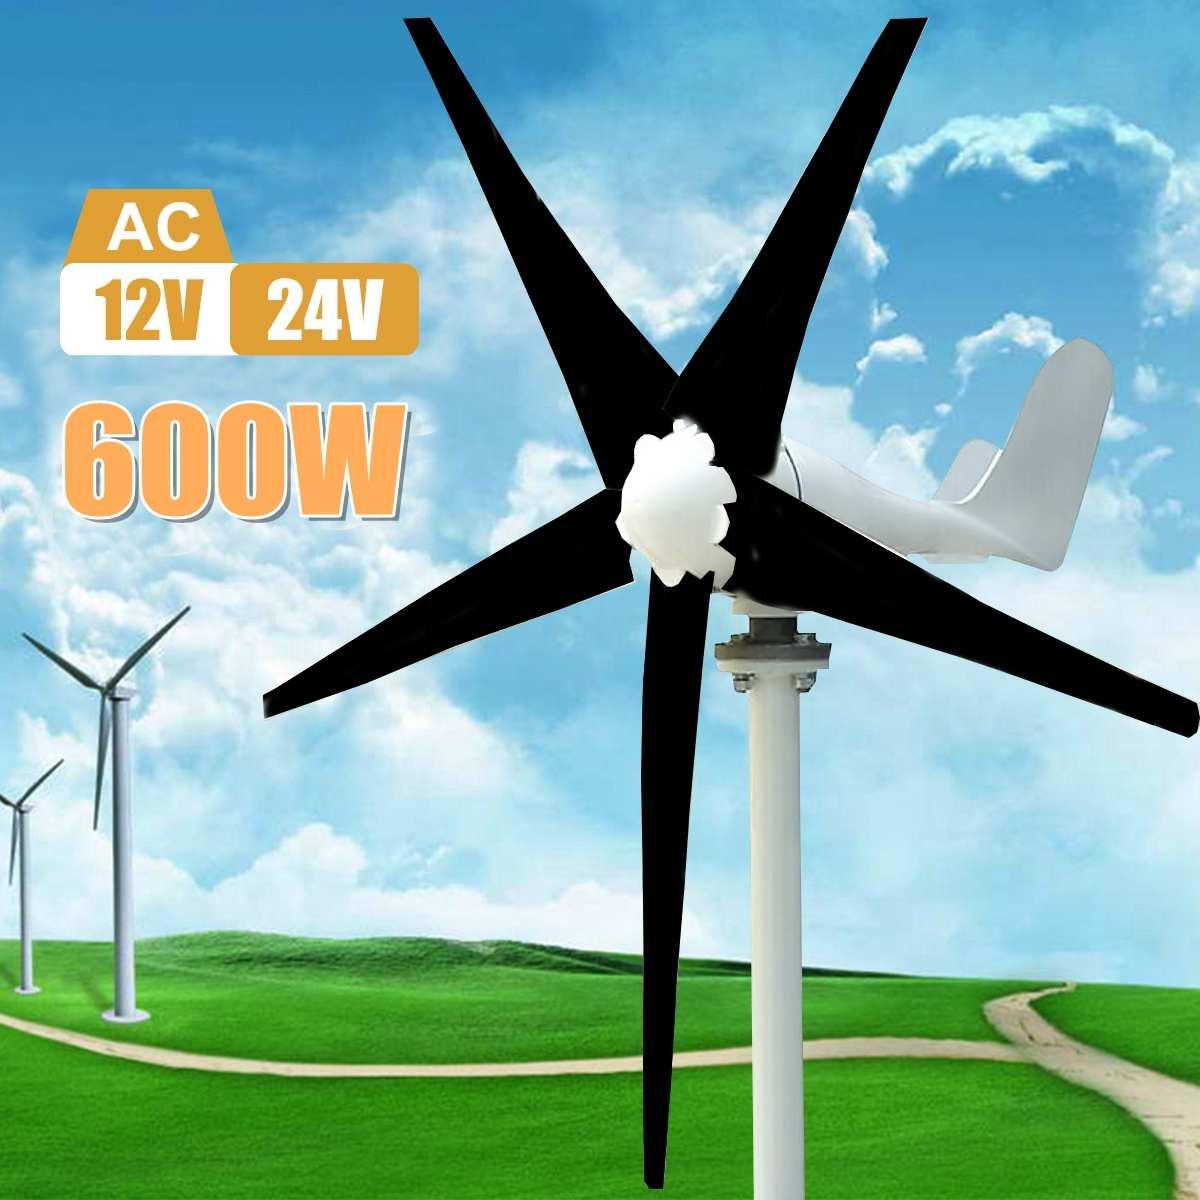 Max 600 W éolienne générateur AC 12 V/24 V 5 lames Kits d'alimentation pour usage de réverbère hybride à la maison